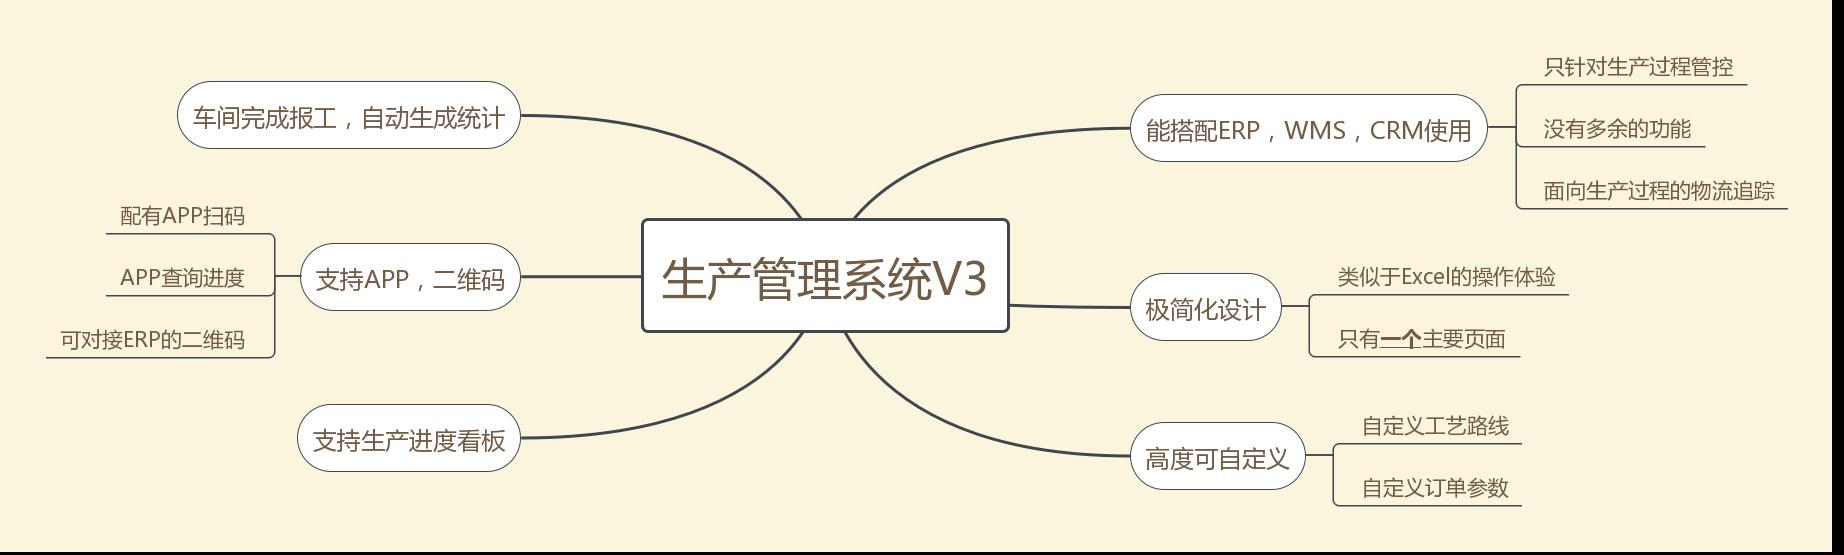 5c3c5995e4b0641c83db585b - 速易天工V3 生产进度管理软件